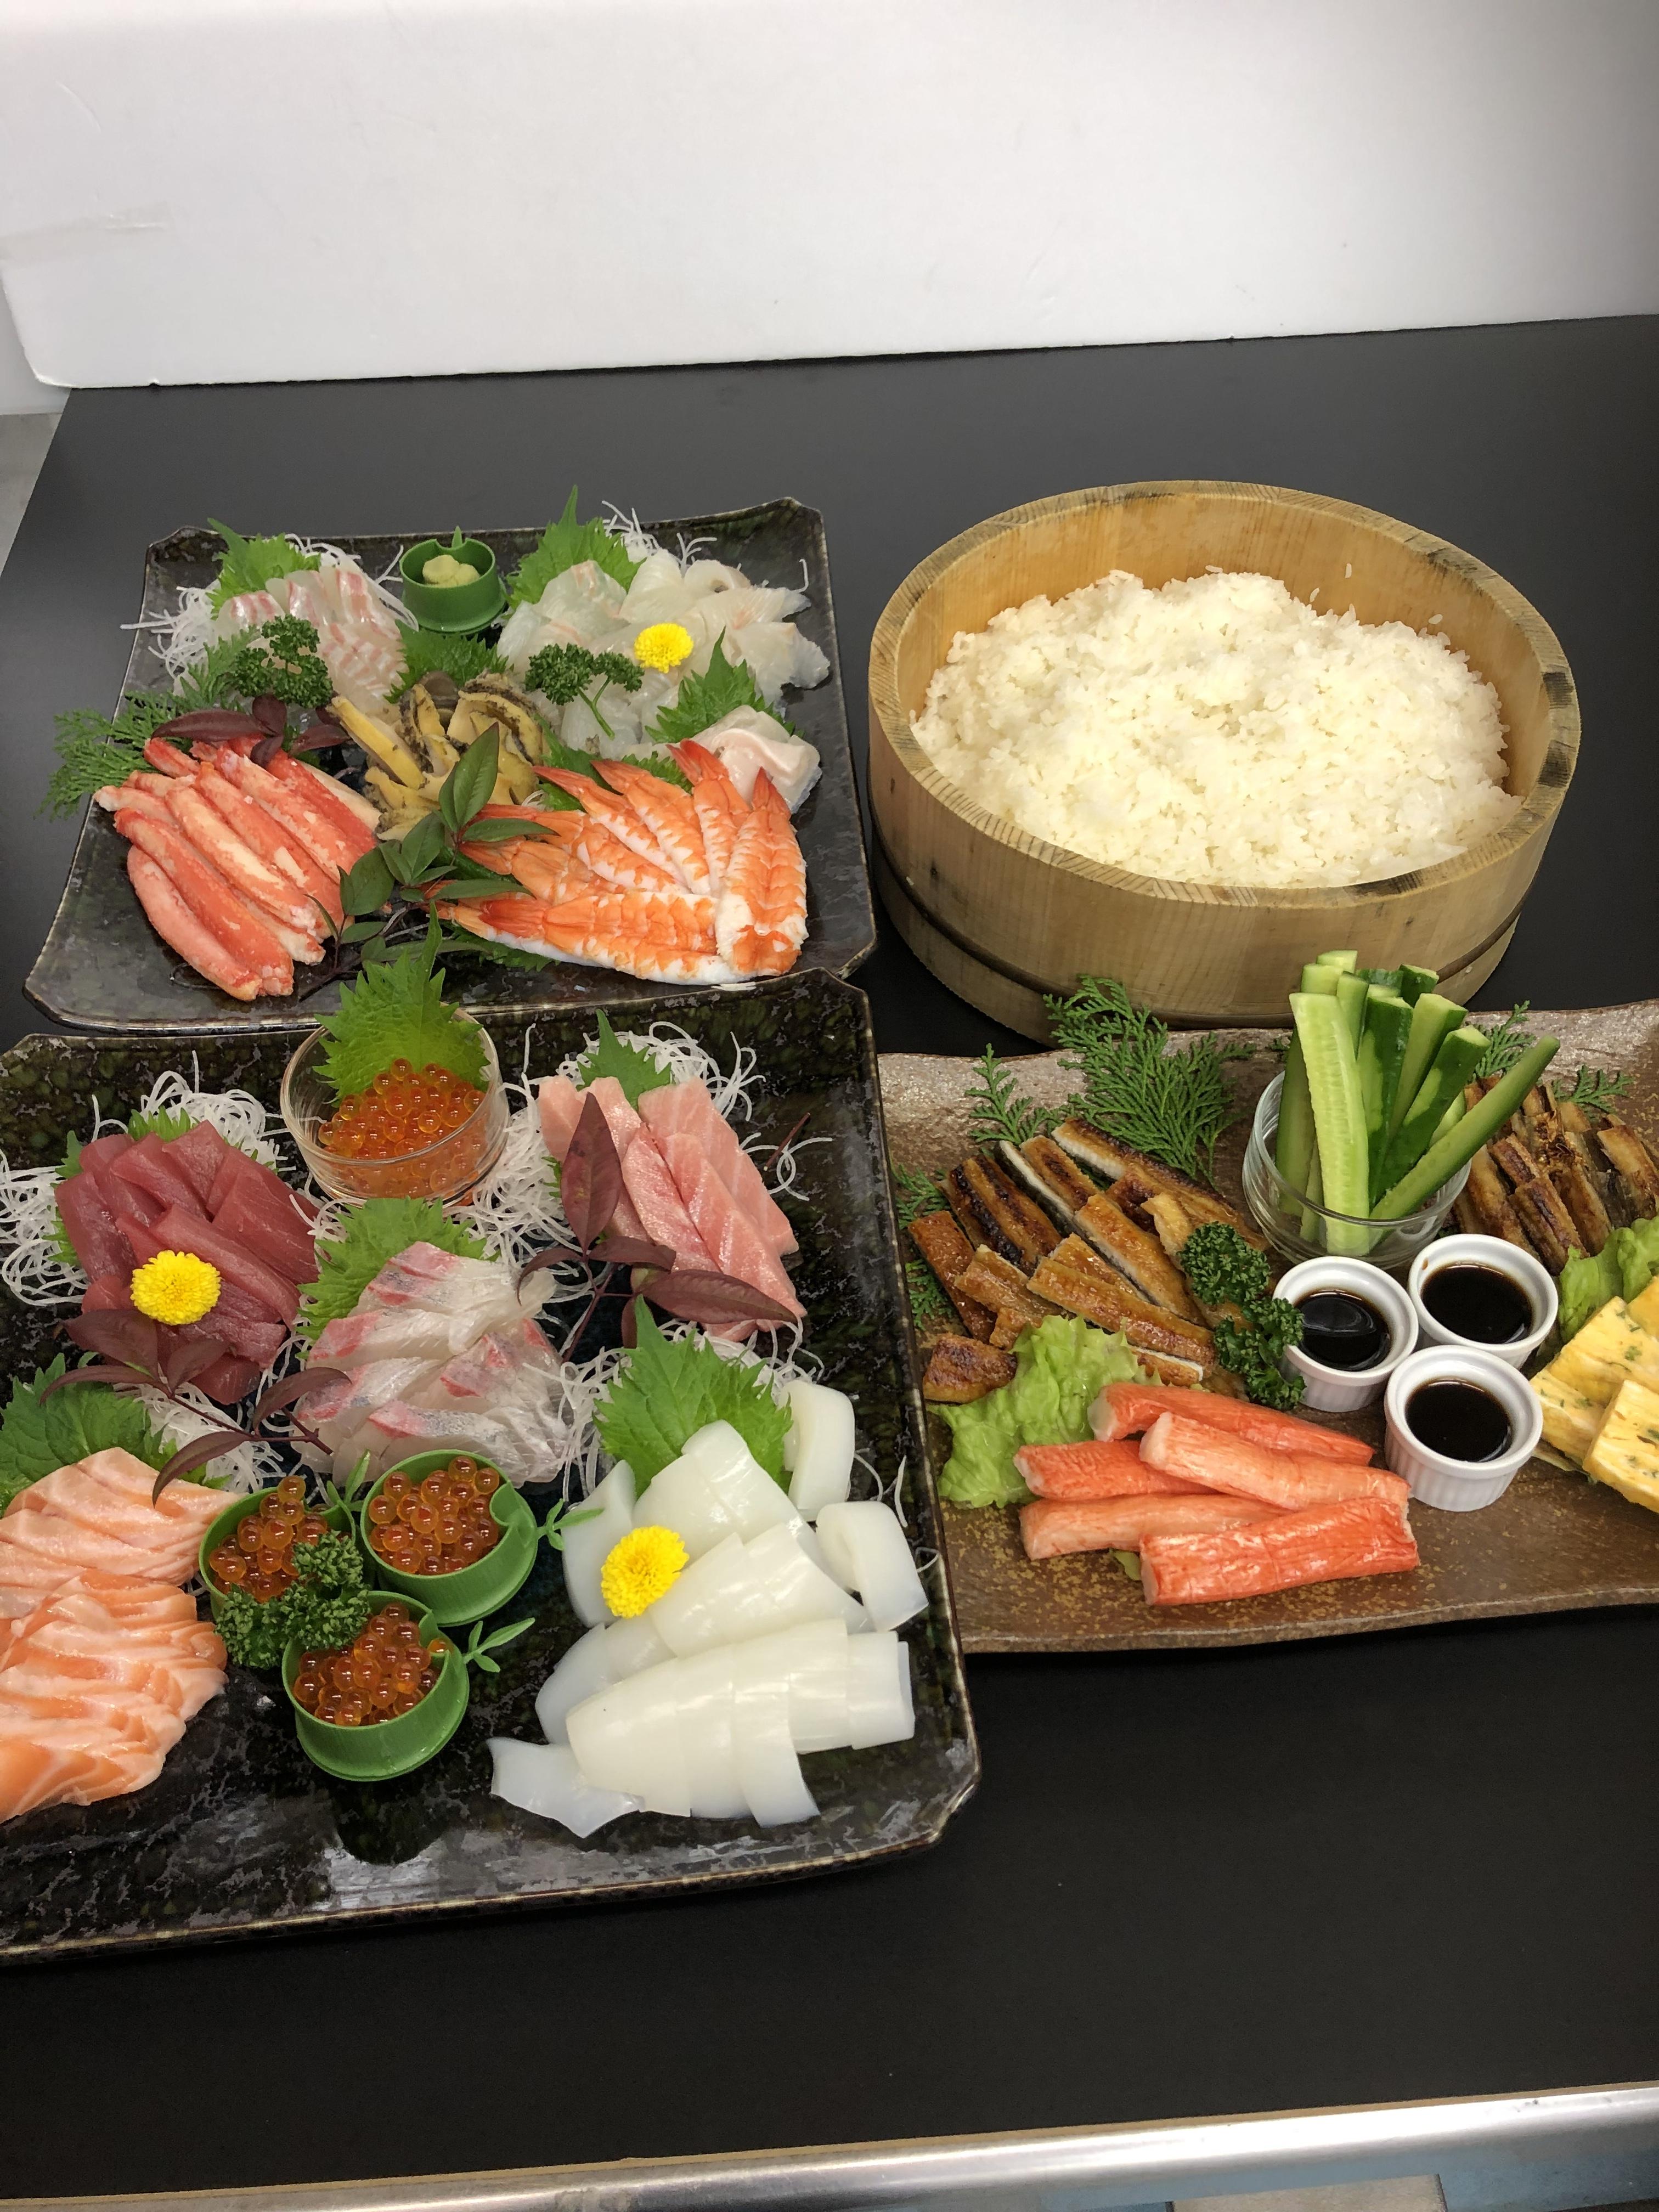 雛祭りに 手巻き寿司パーティーいかがですか?